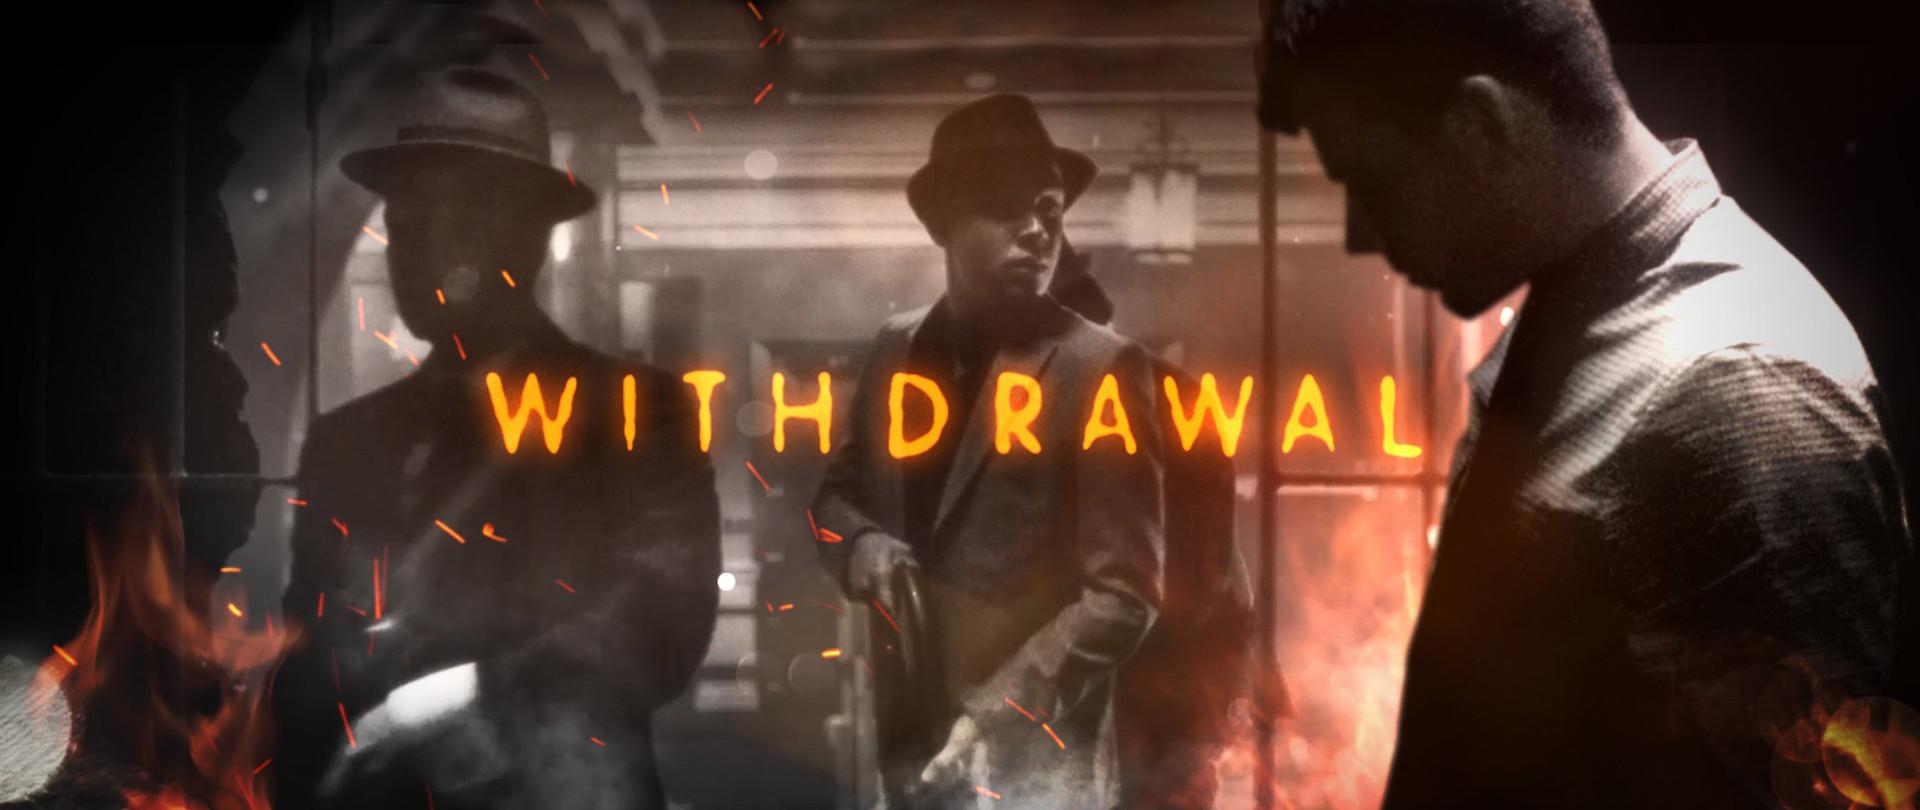 Withdrawal - Short Film